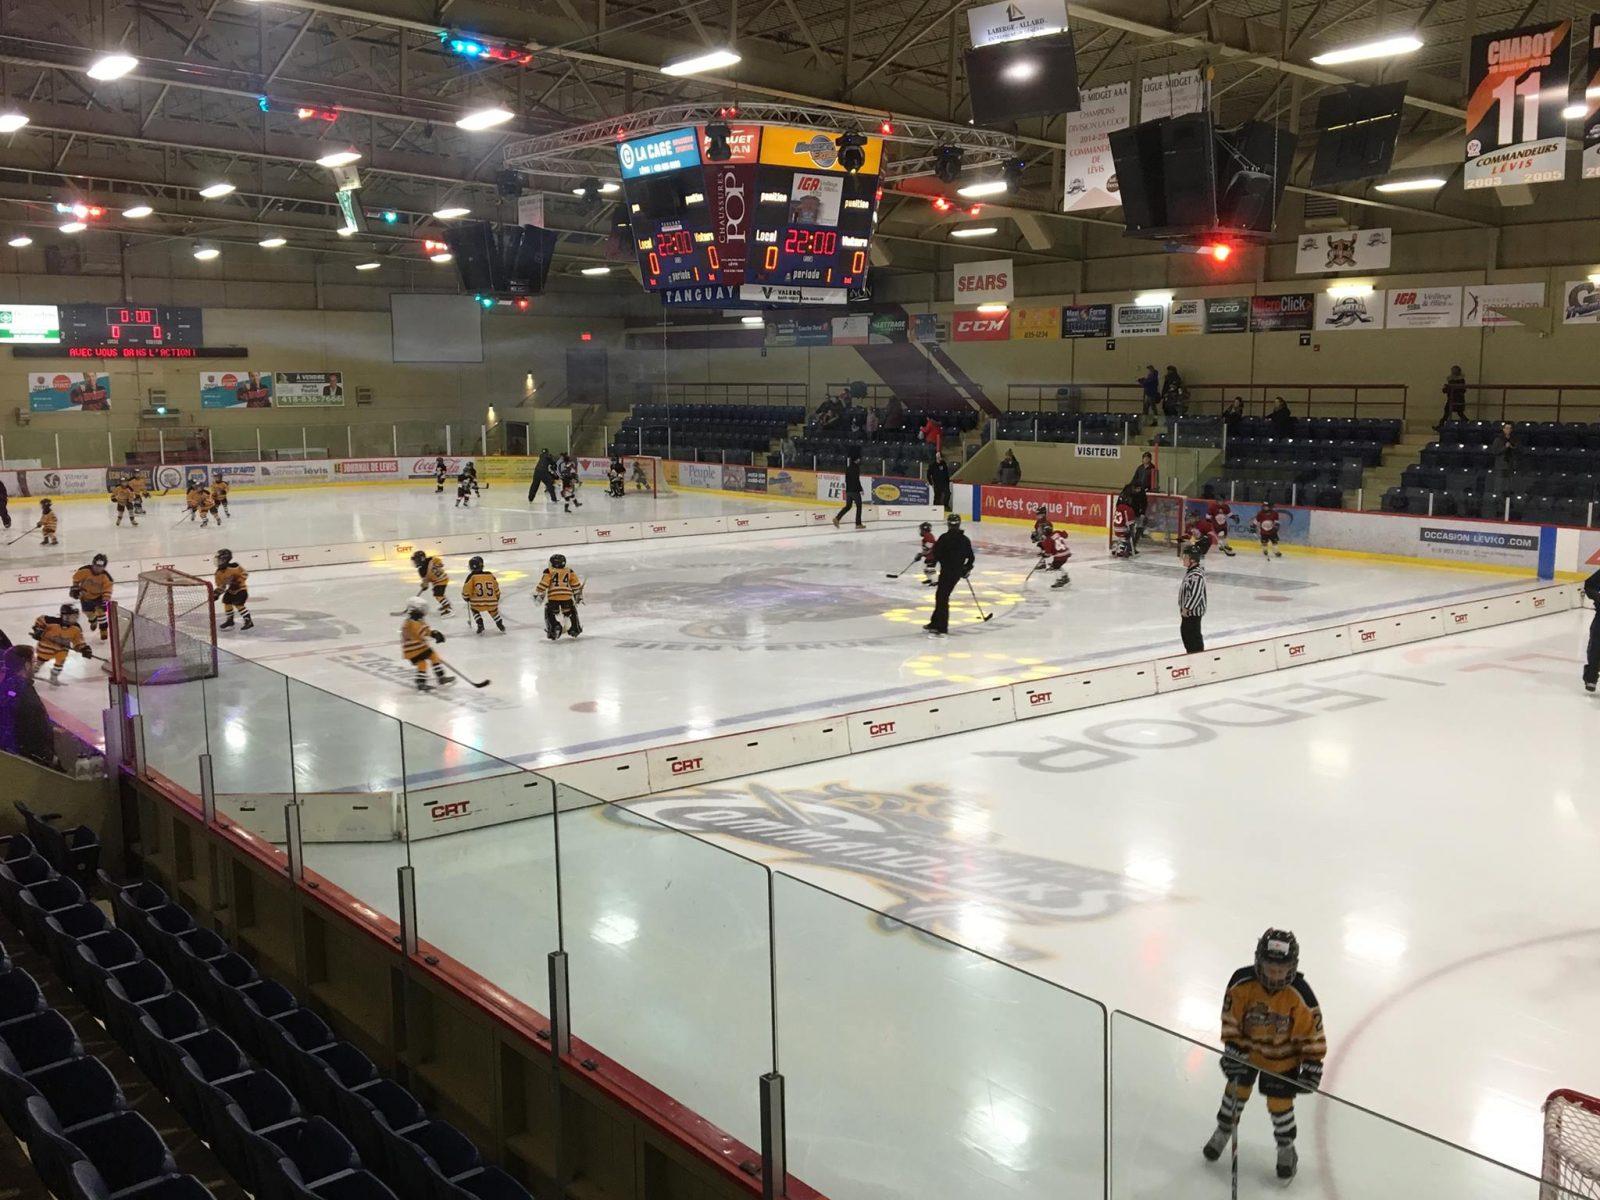 Tout est prêt pour une nouvelle saison de hockey